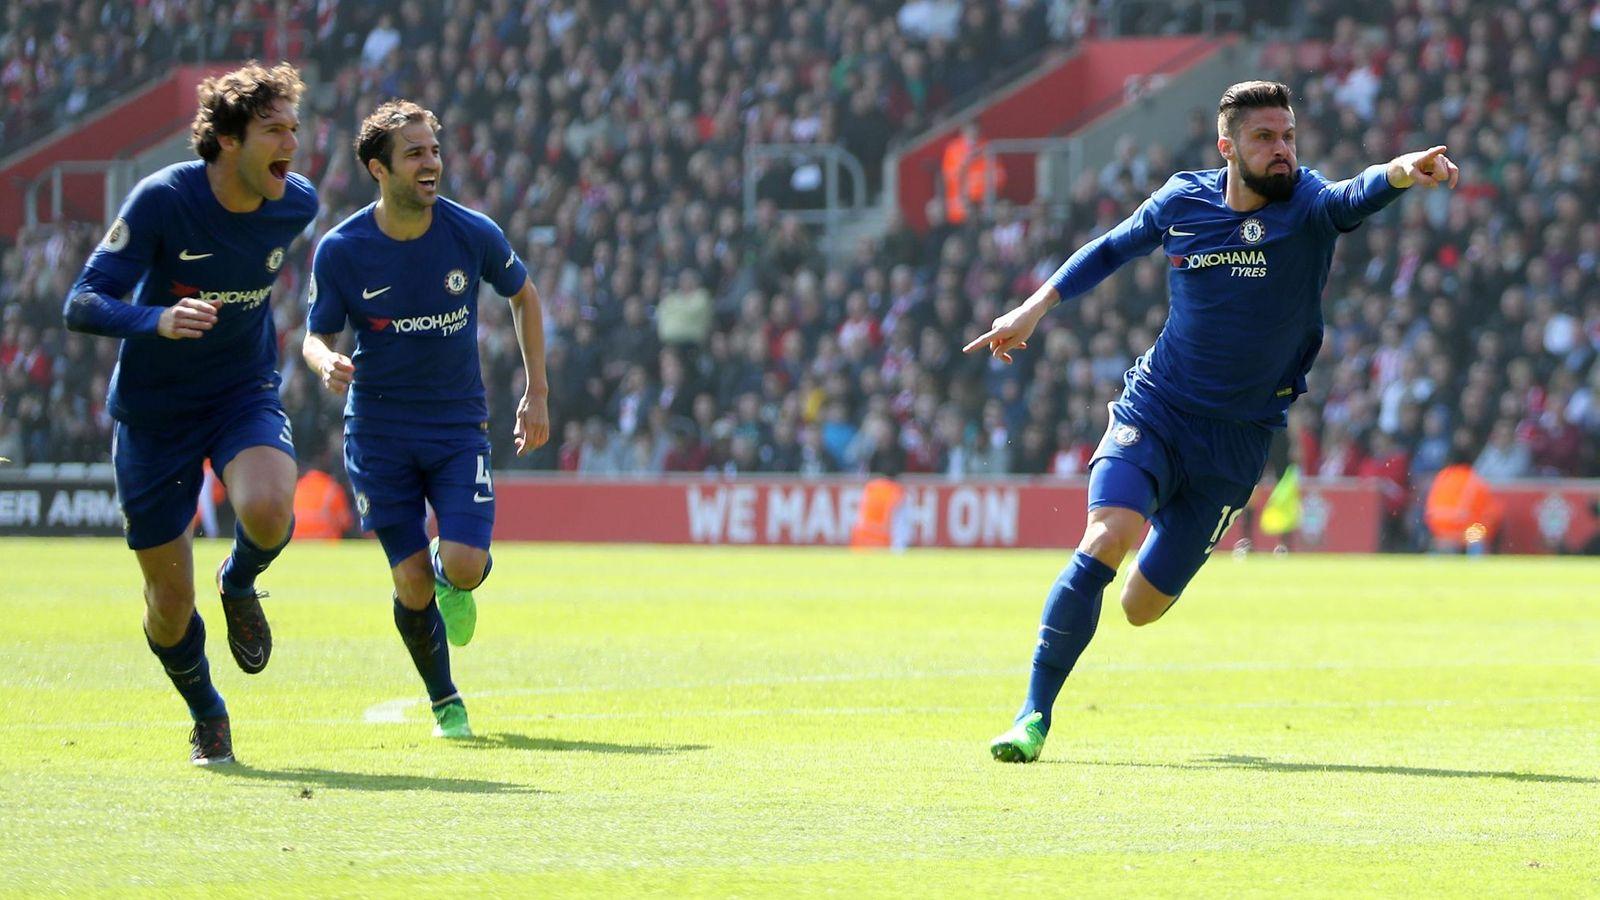 Chelsealta superkiri – sinipaidat pystyneet samaan edellisen kerran 16 vuotta sitten ...